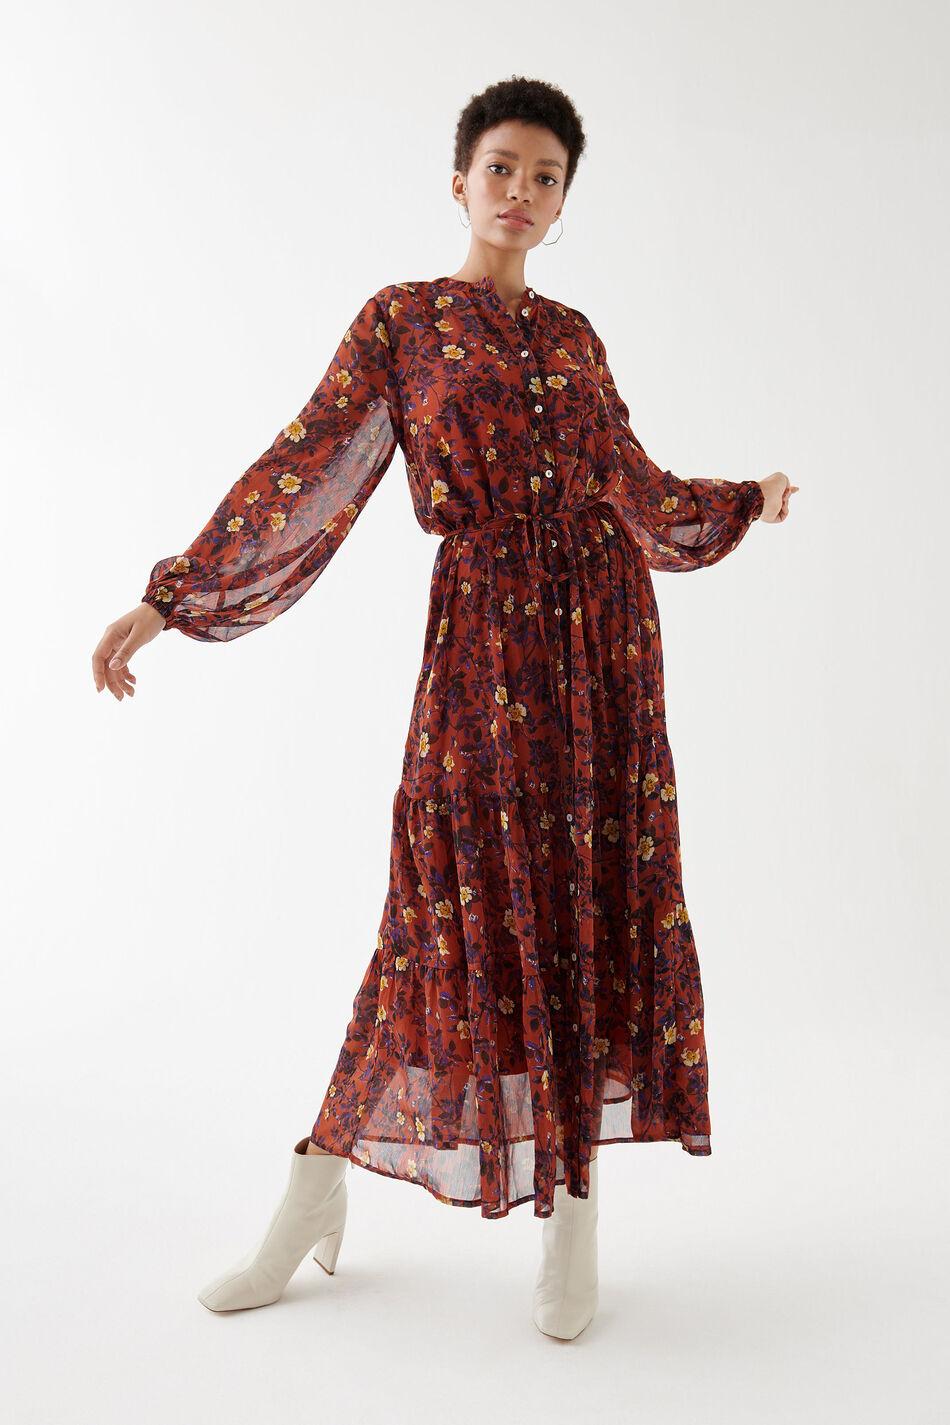 Image of Gina Tricot Alma chiffon maxi dress  - Other